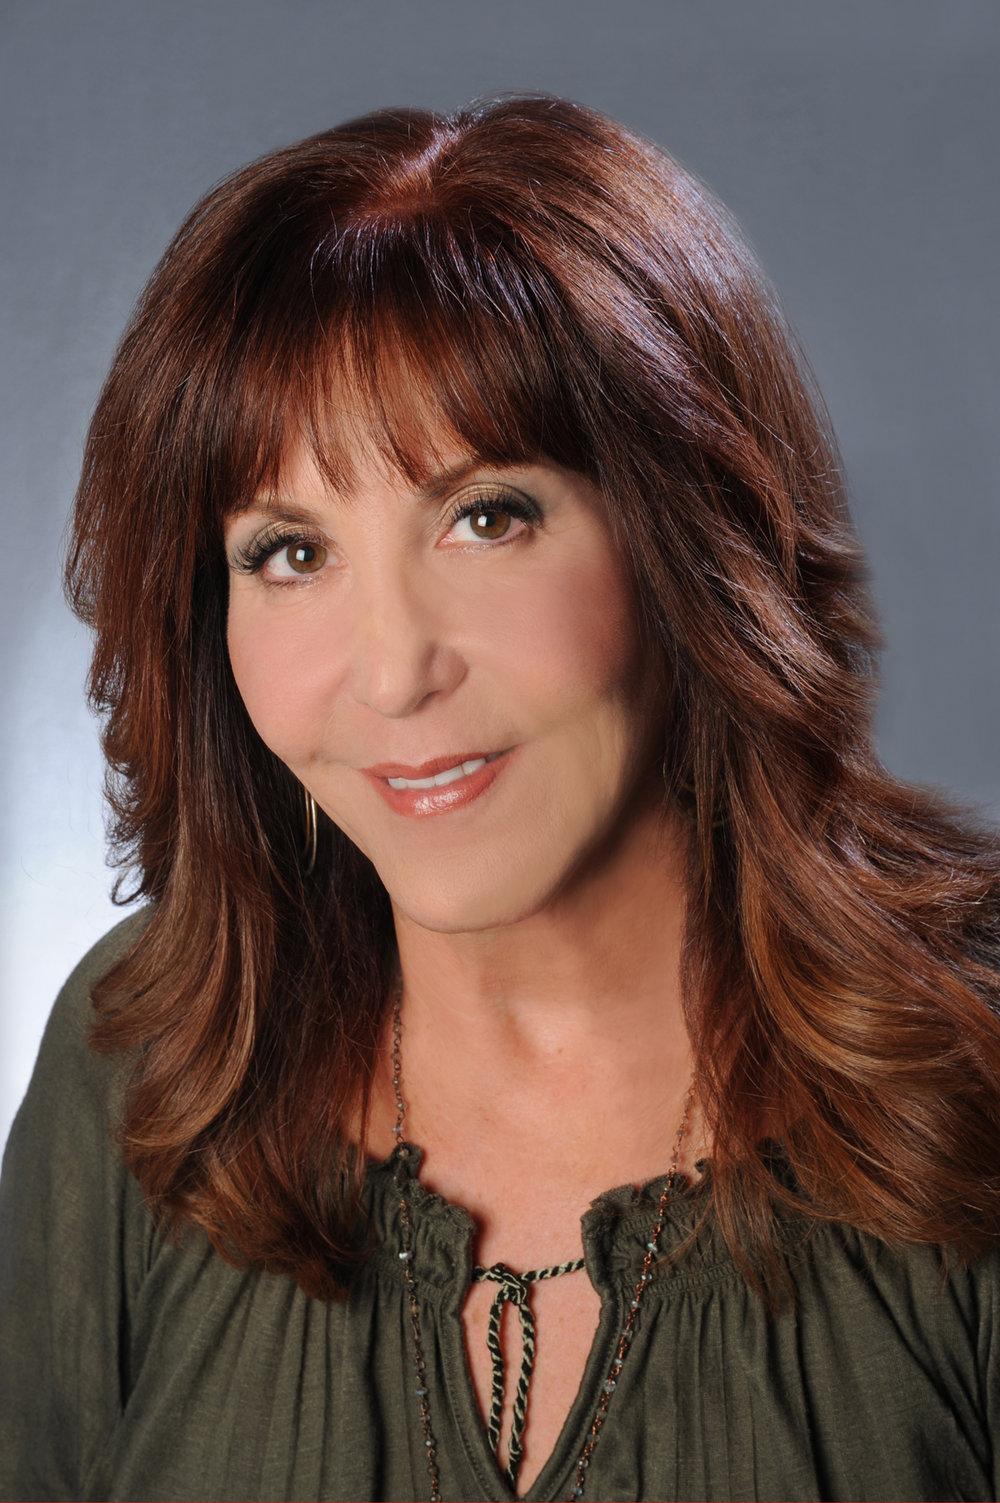 Suzanne Gerber